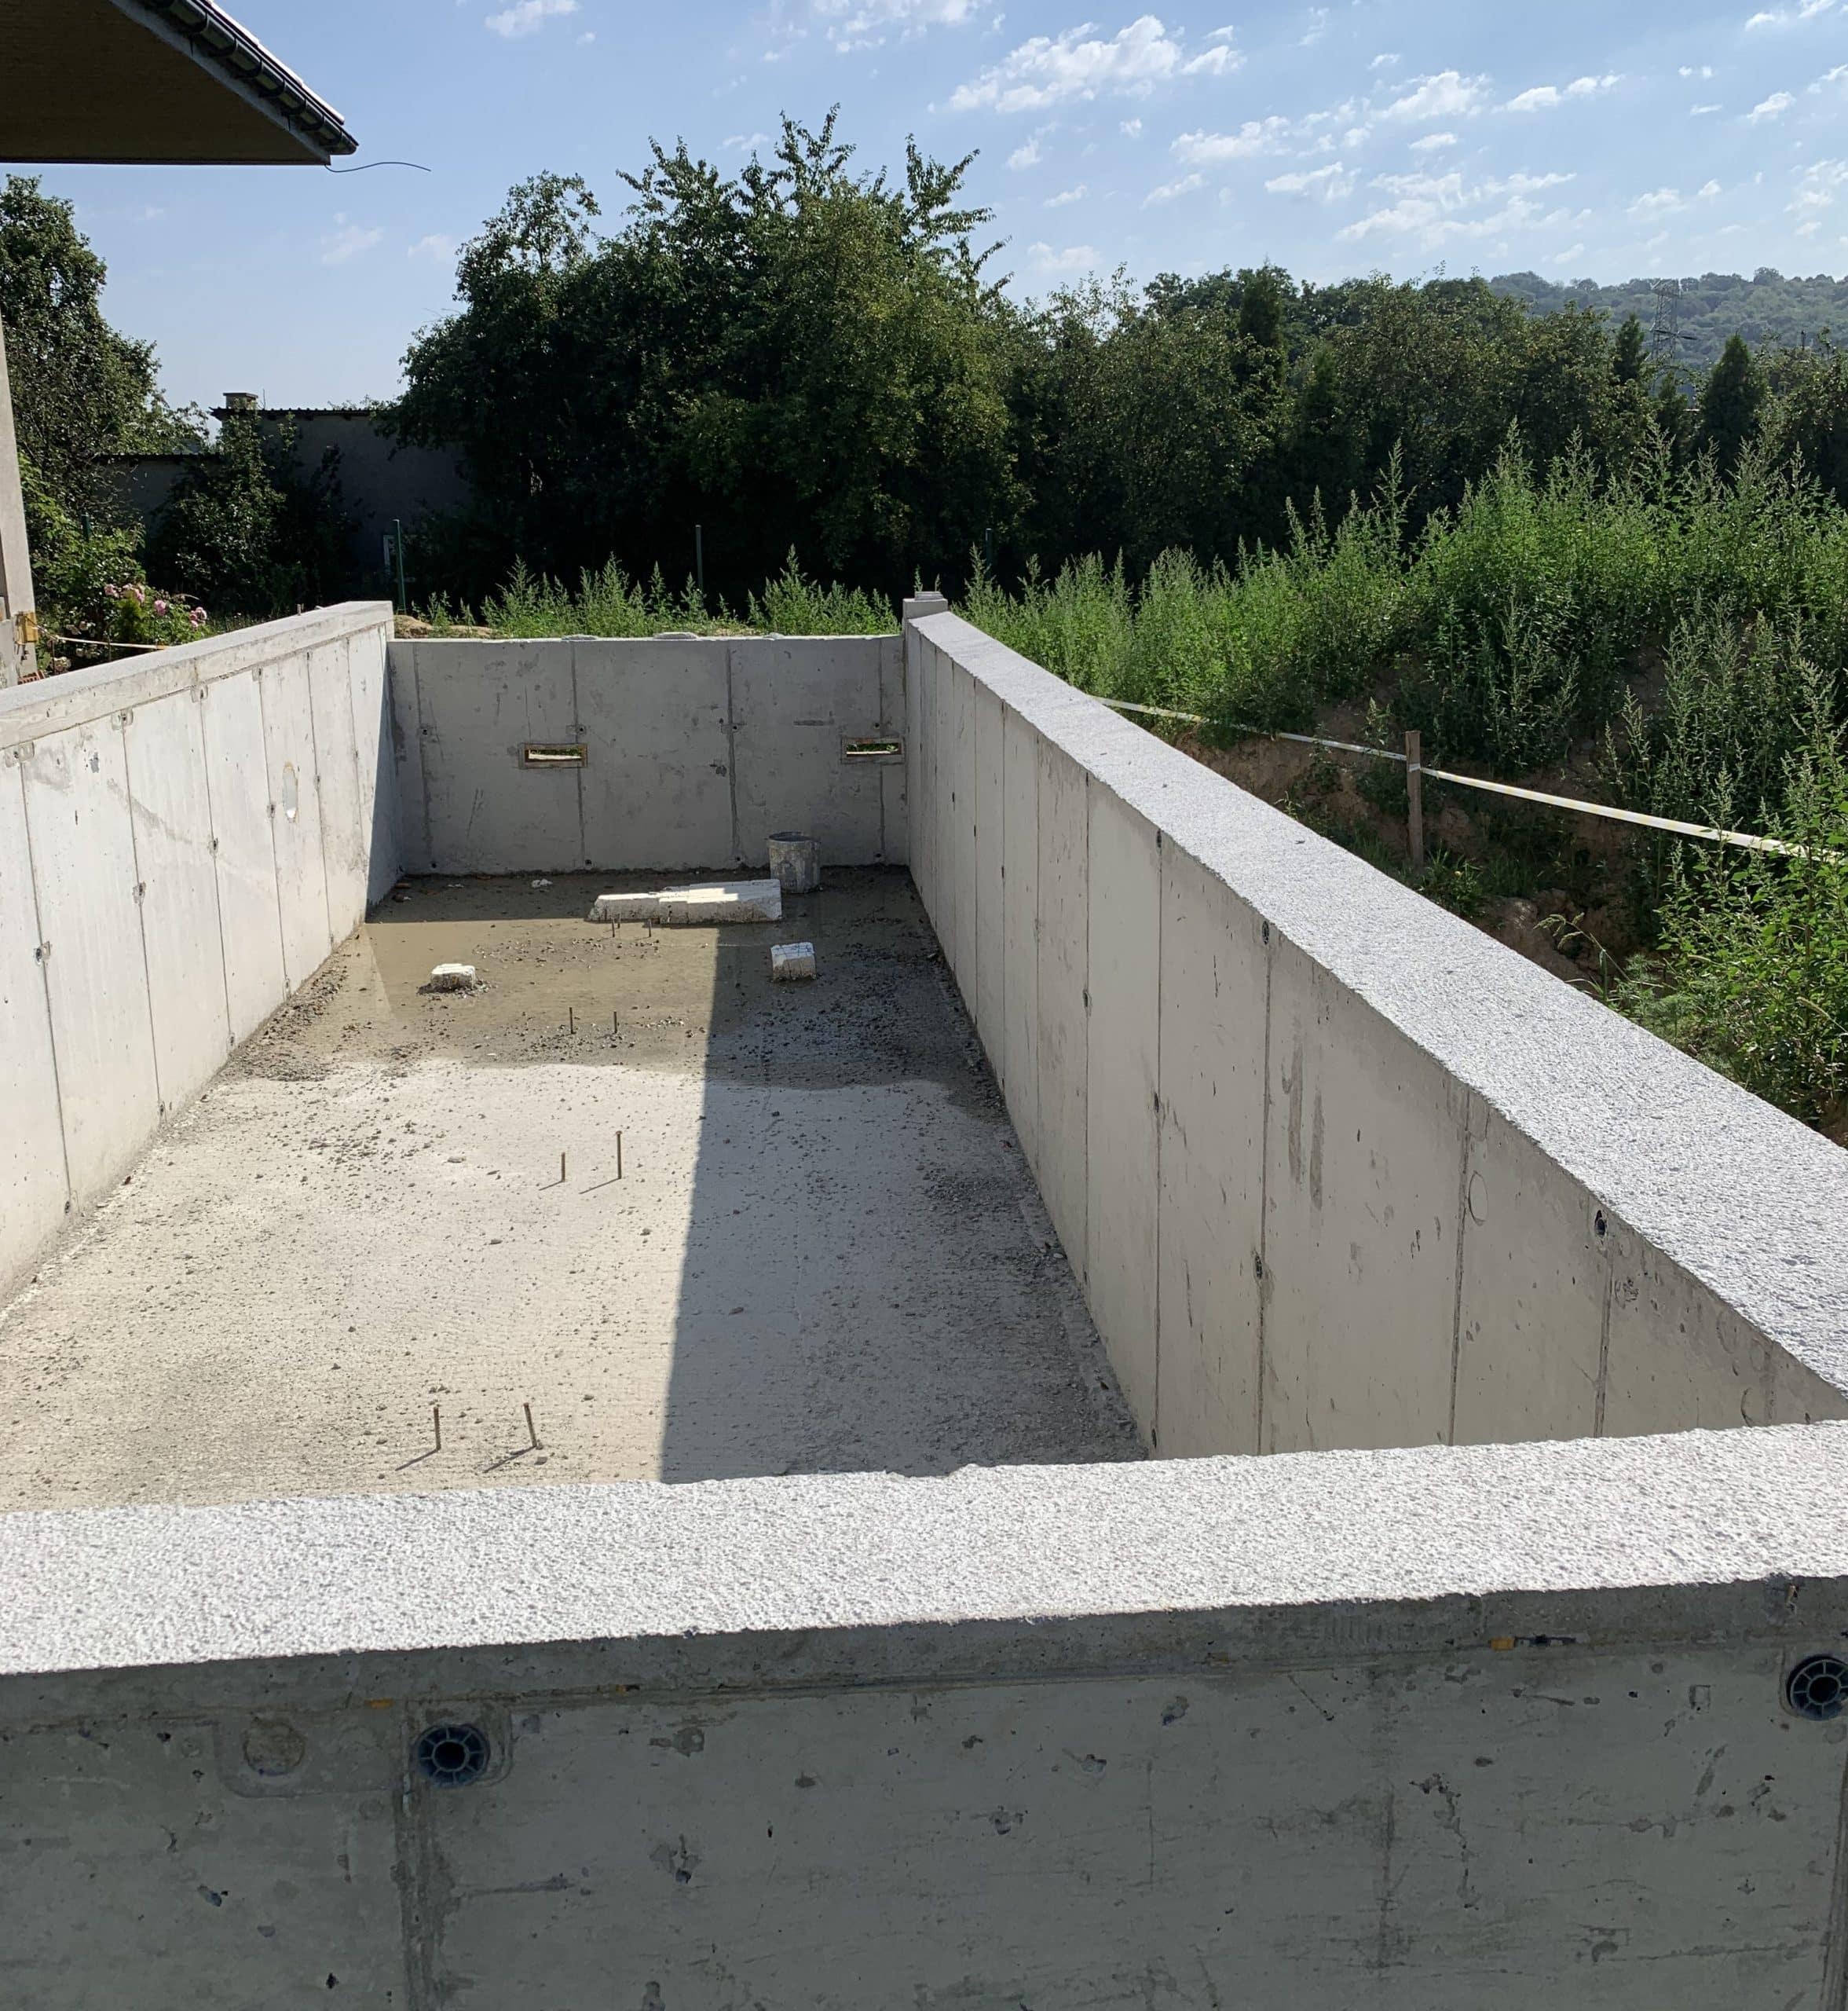 basen żelbetowy, infinity, ściana przelewowa, roleta, podwodna, pływająca, montaż, budowa basenu